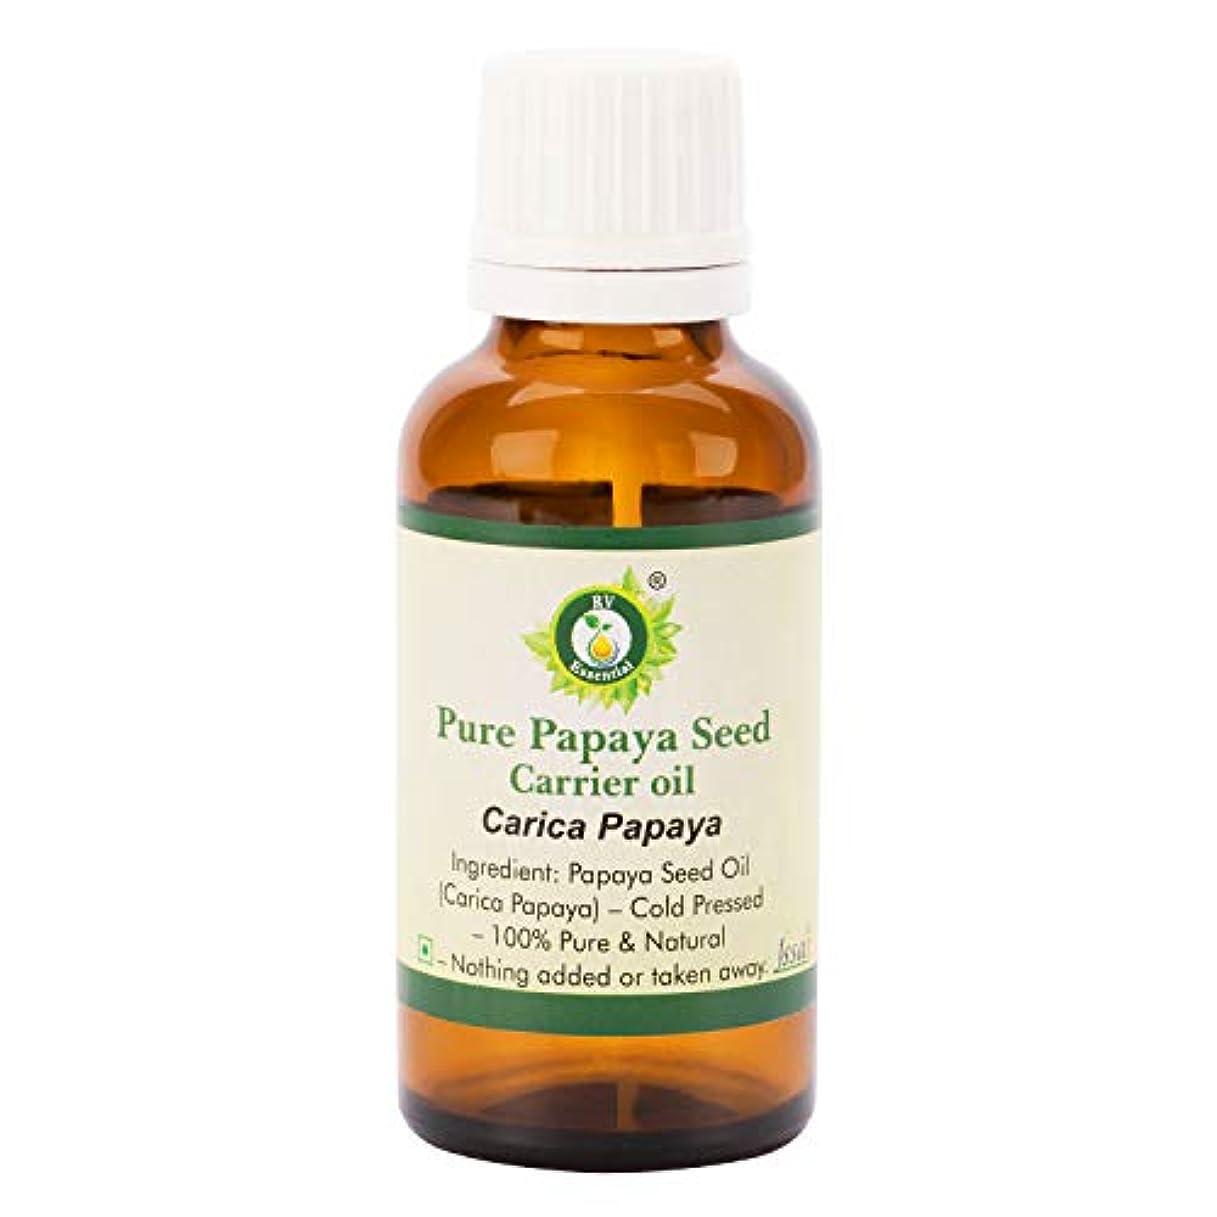 ちなみに寝室を掃除する疫病純粋なパパイヤ種子キャリアオイル630ml (21oz)- Carica Papaya (100%ピュア&ナチュラルコールドPressed) Pure Papaya Seed Carrier Oil